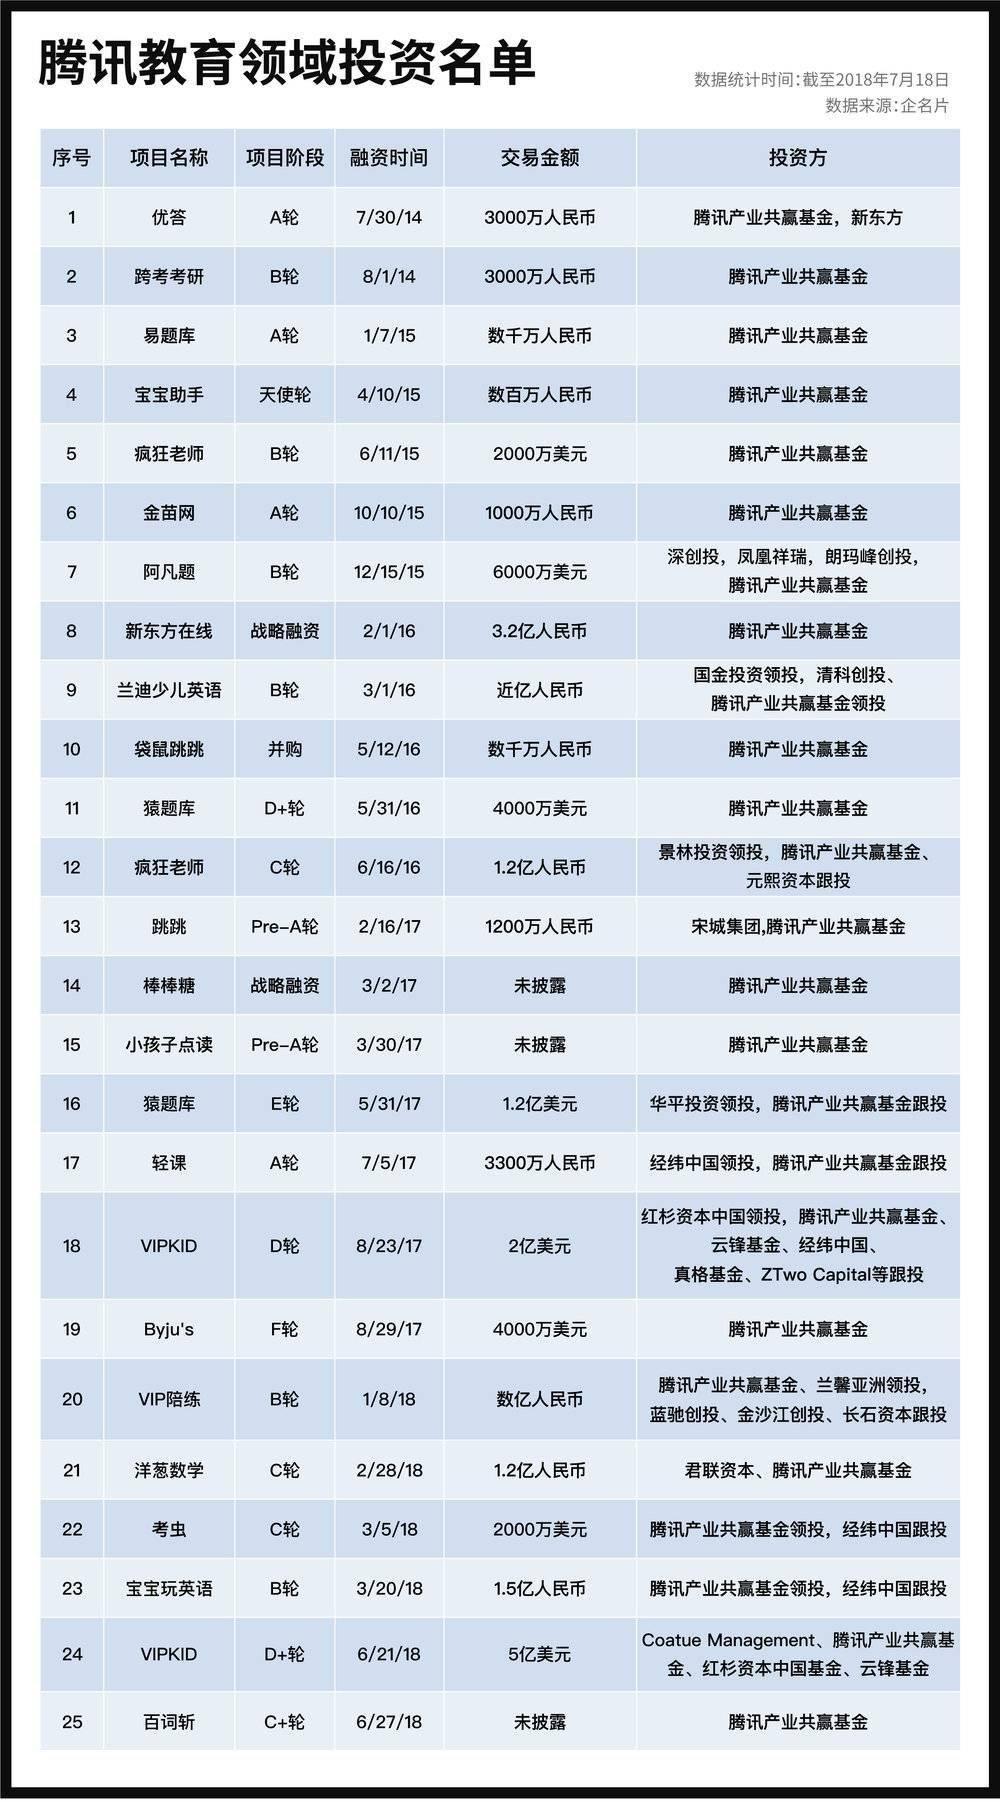 腾讯教育领域投资名单